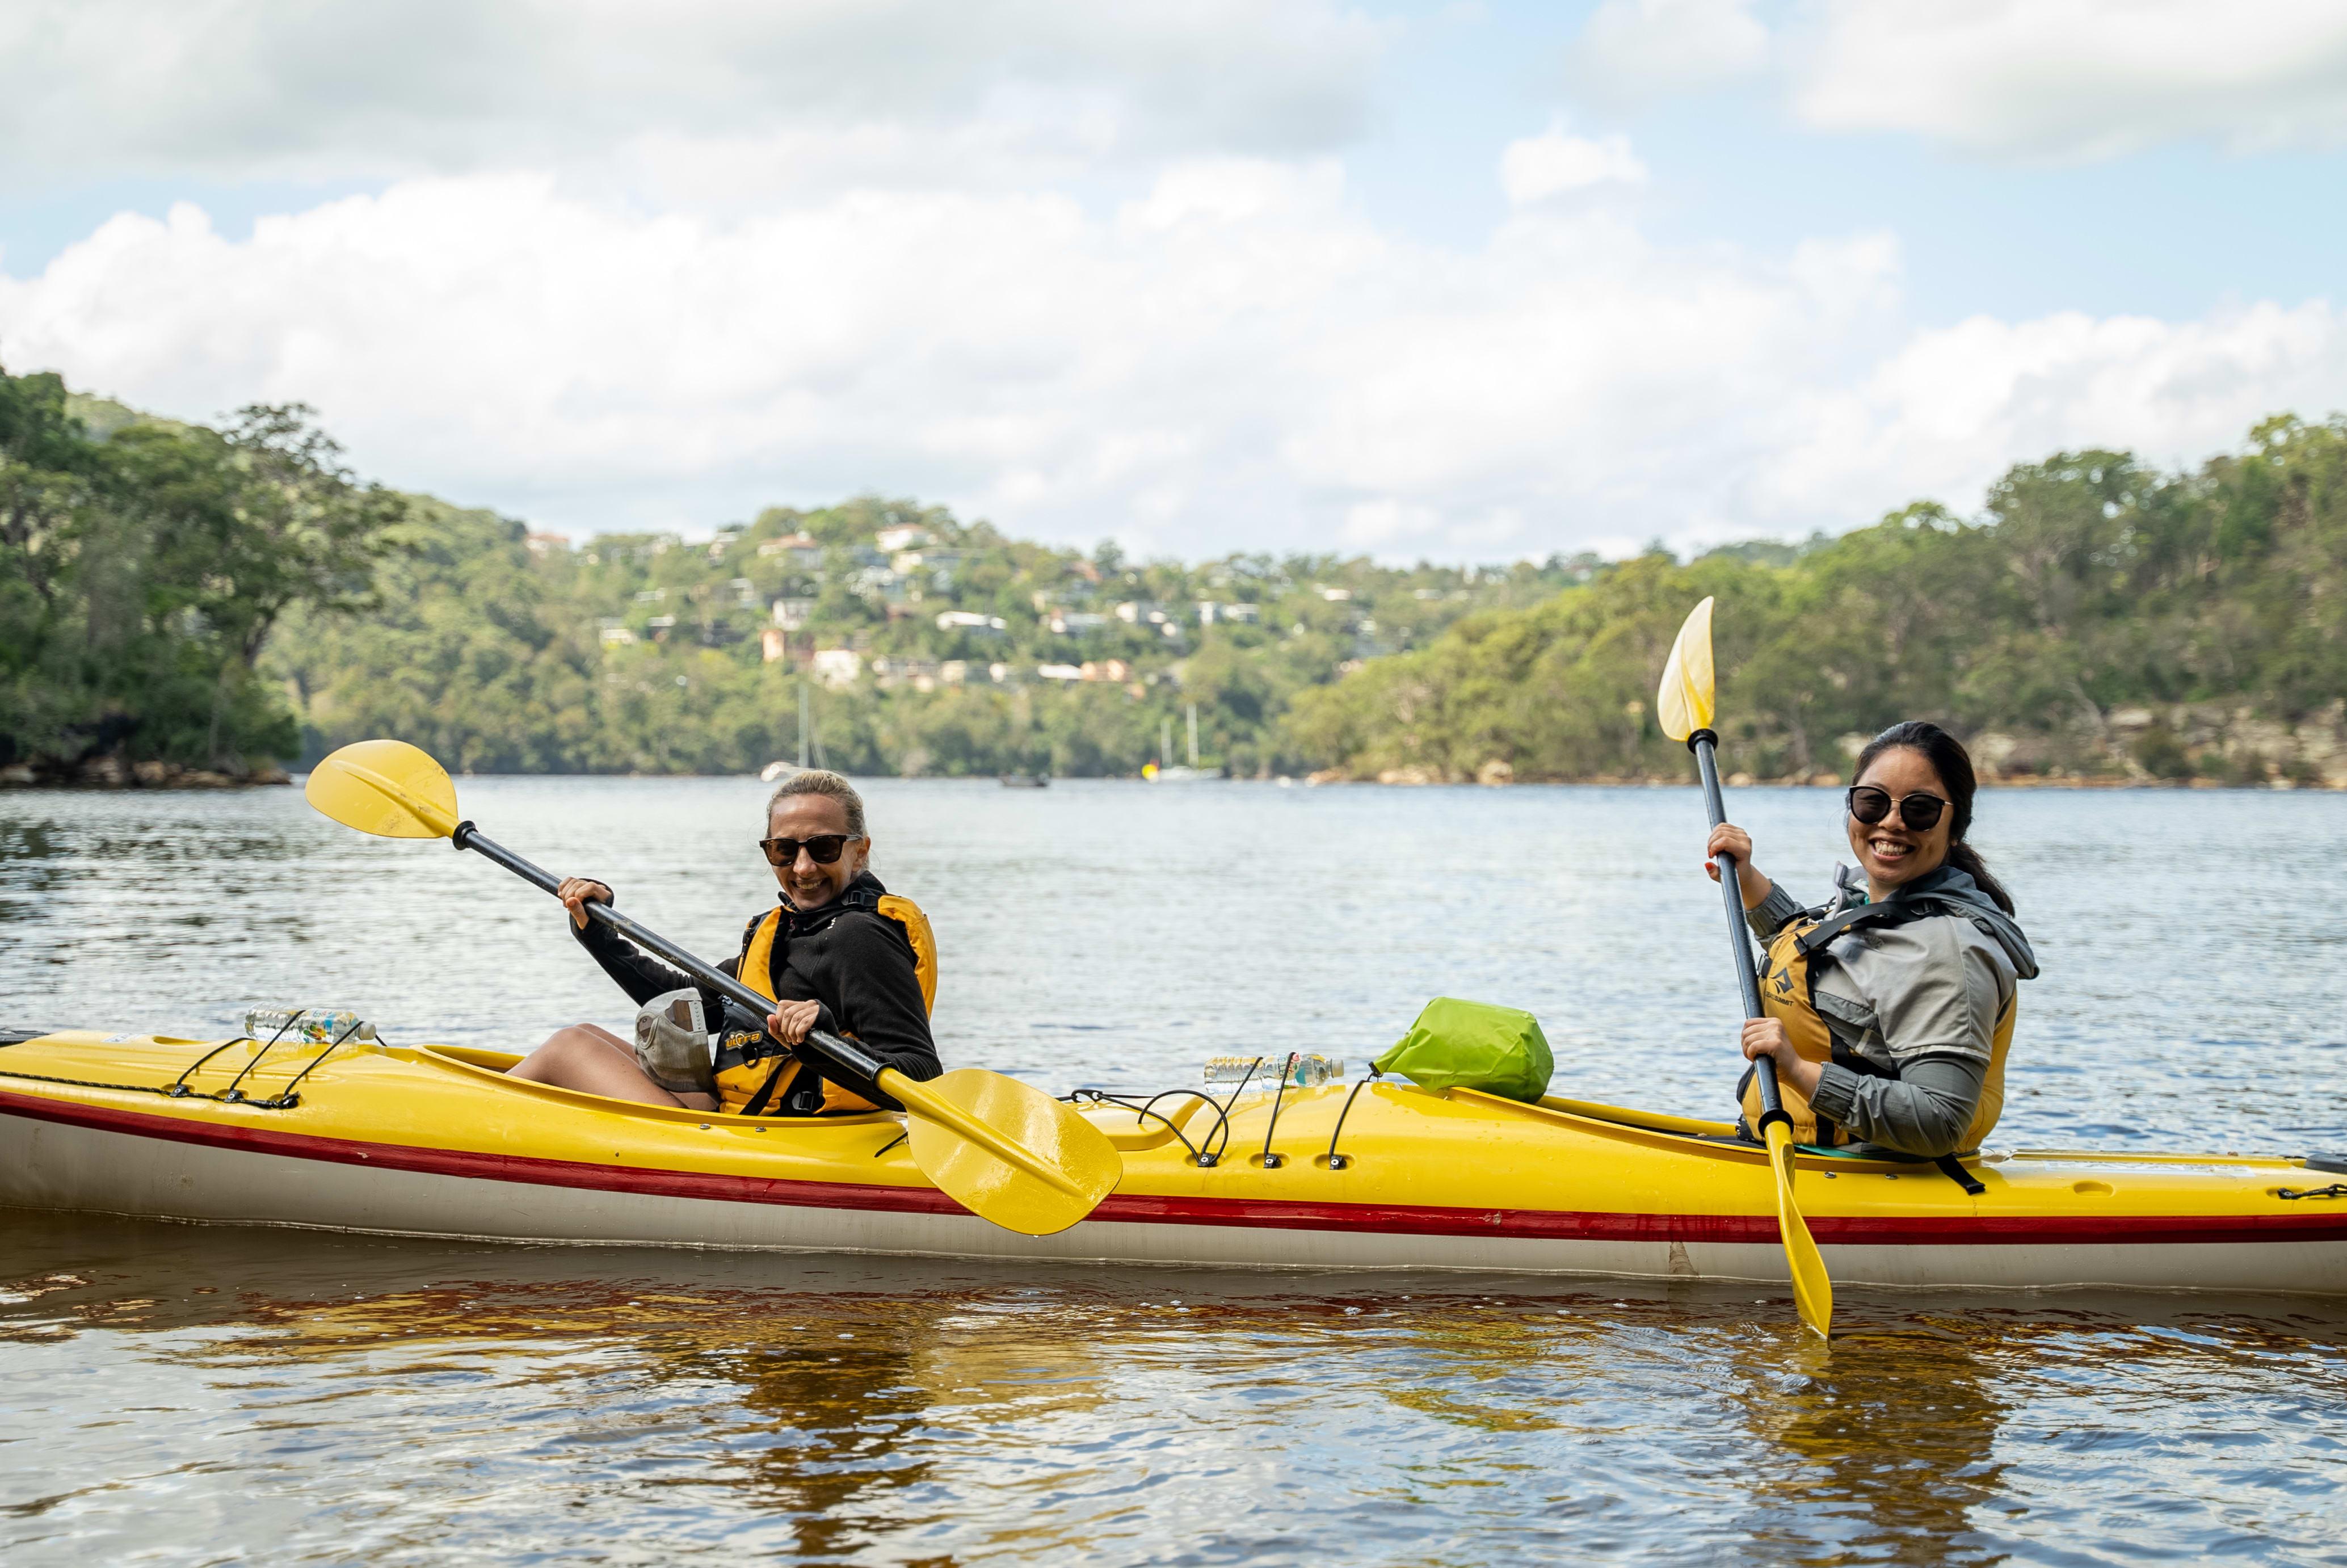 Experience 2: Kayaking Tour – Cairns